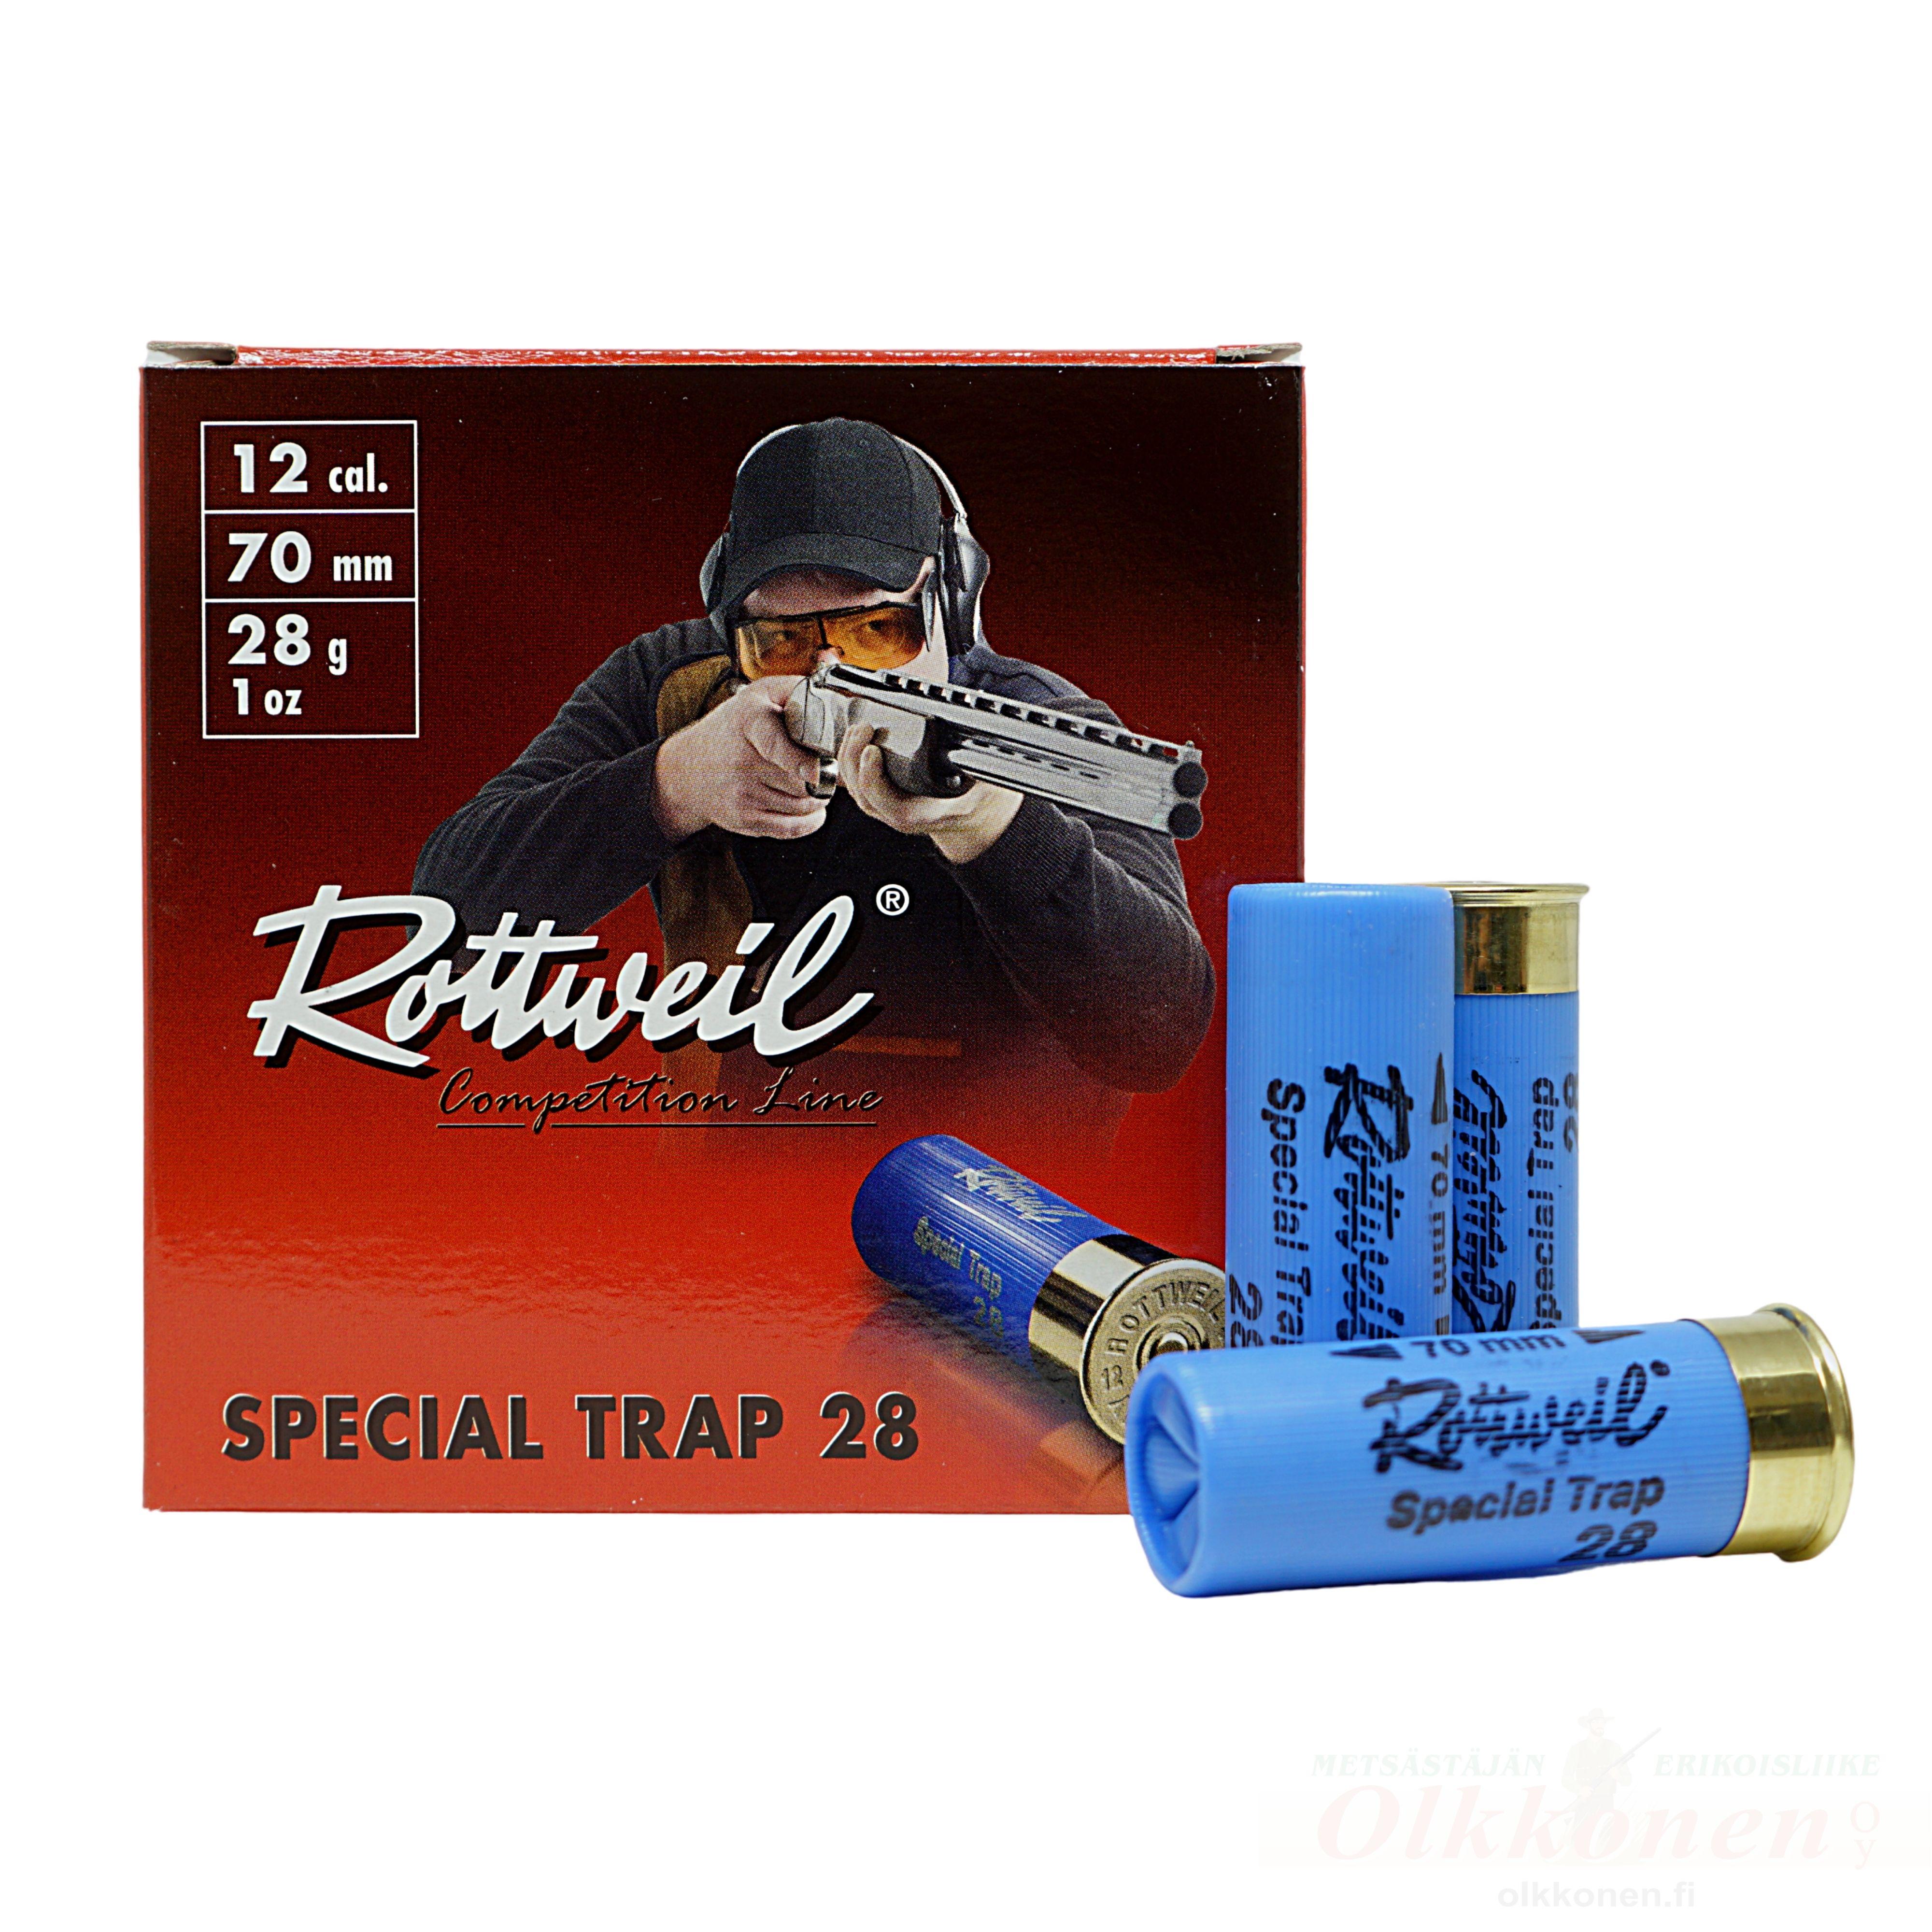 Rottweil Special Trap haulikonpatruuna 12/70 28g 2,4 mm